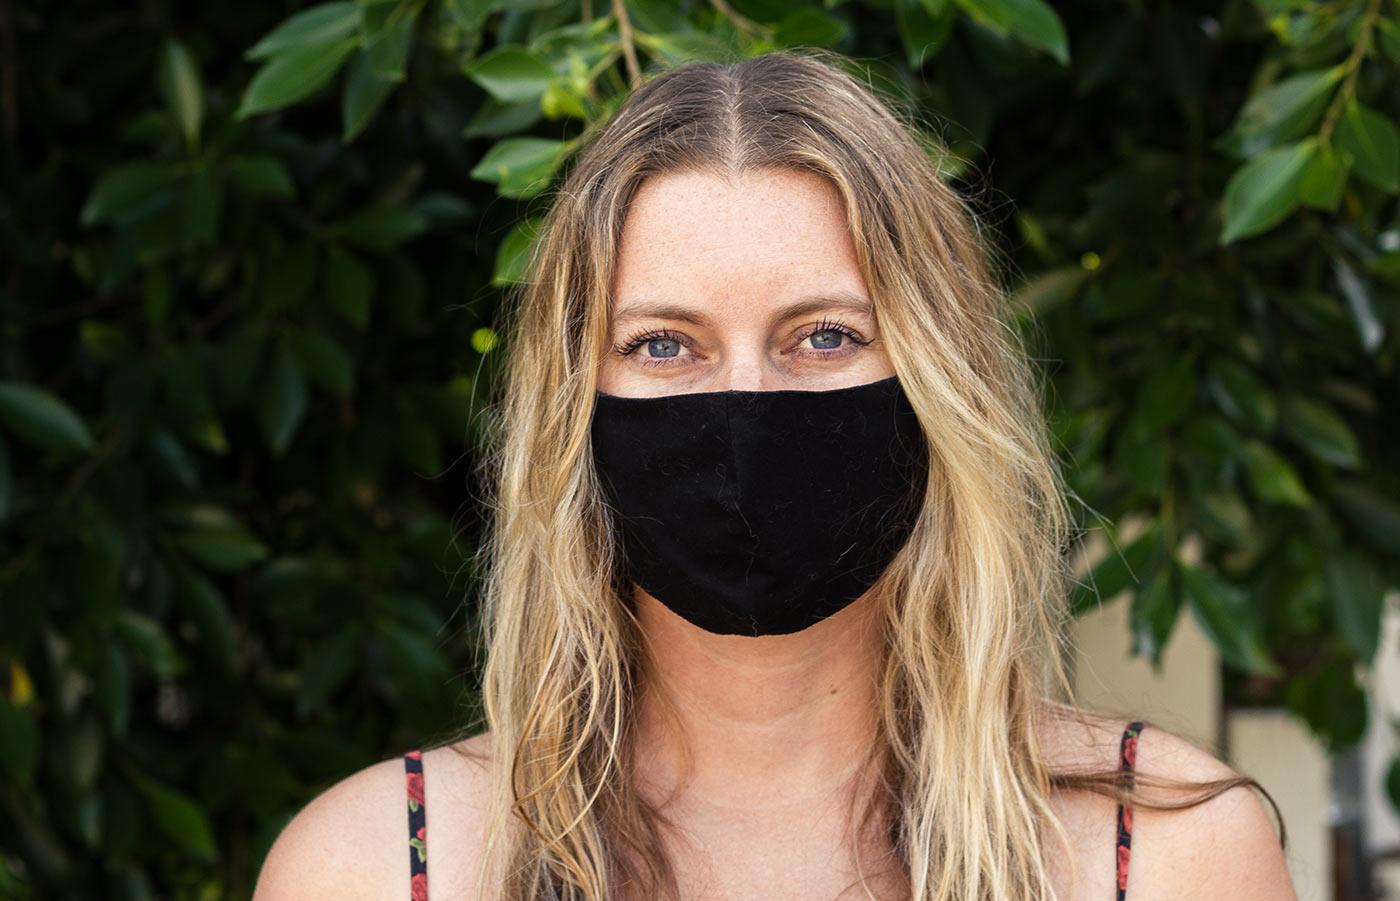 Jackie Bryant | Behind The Mask